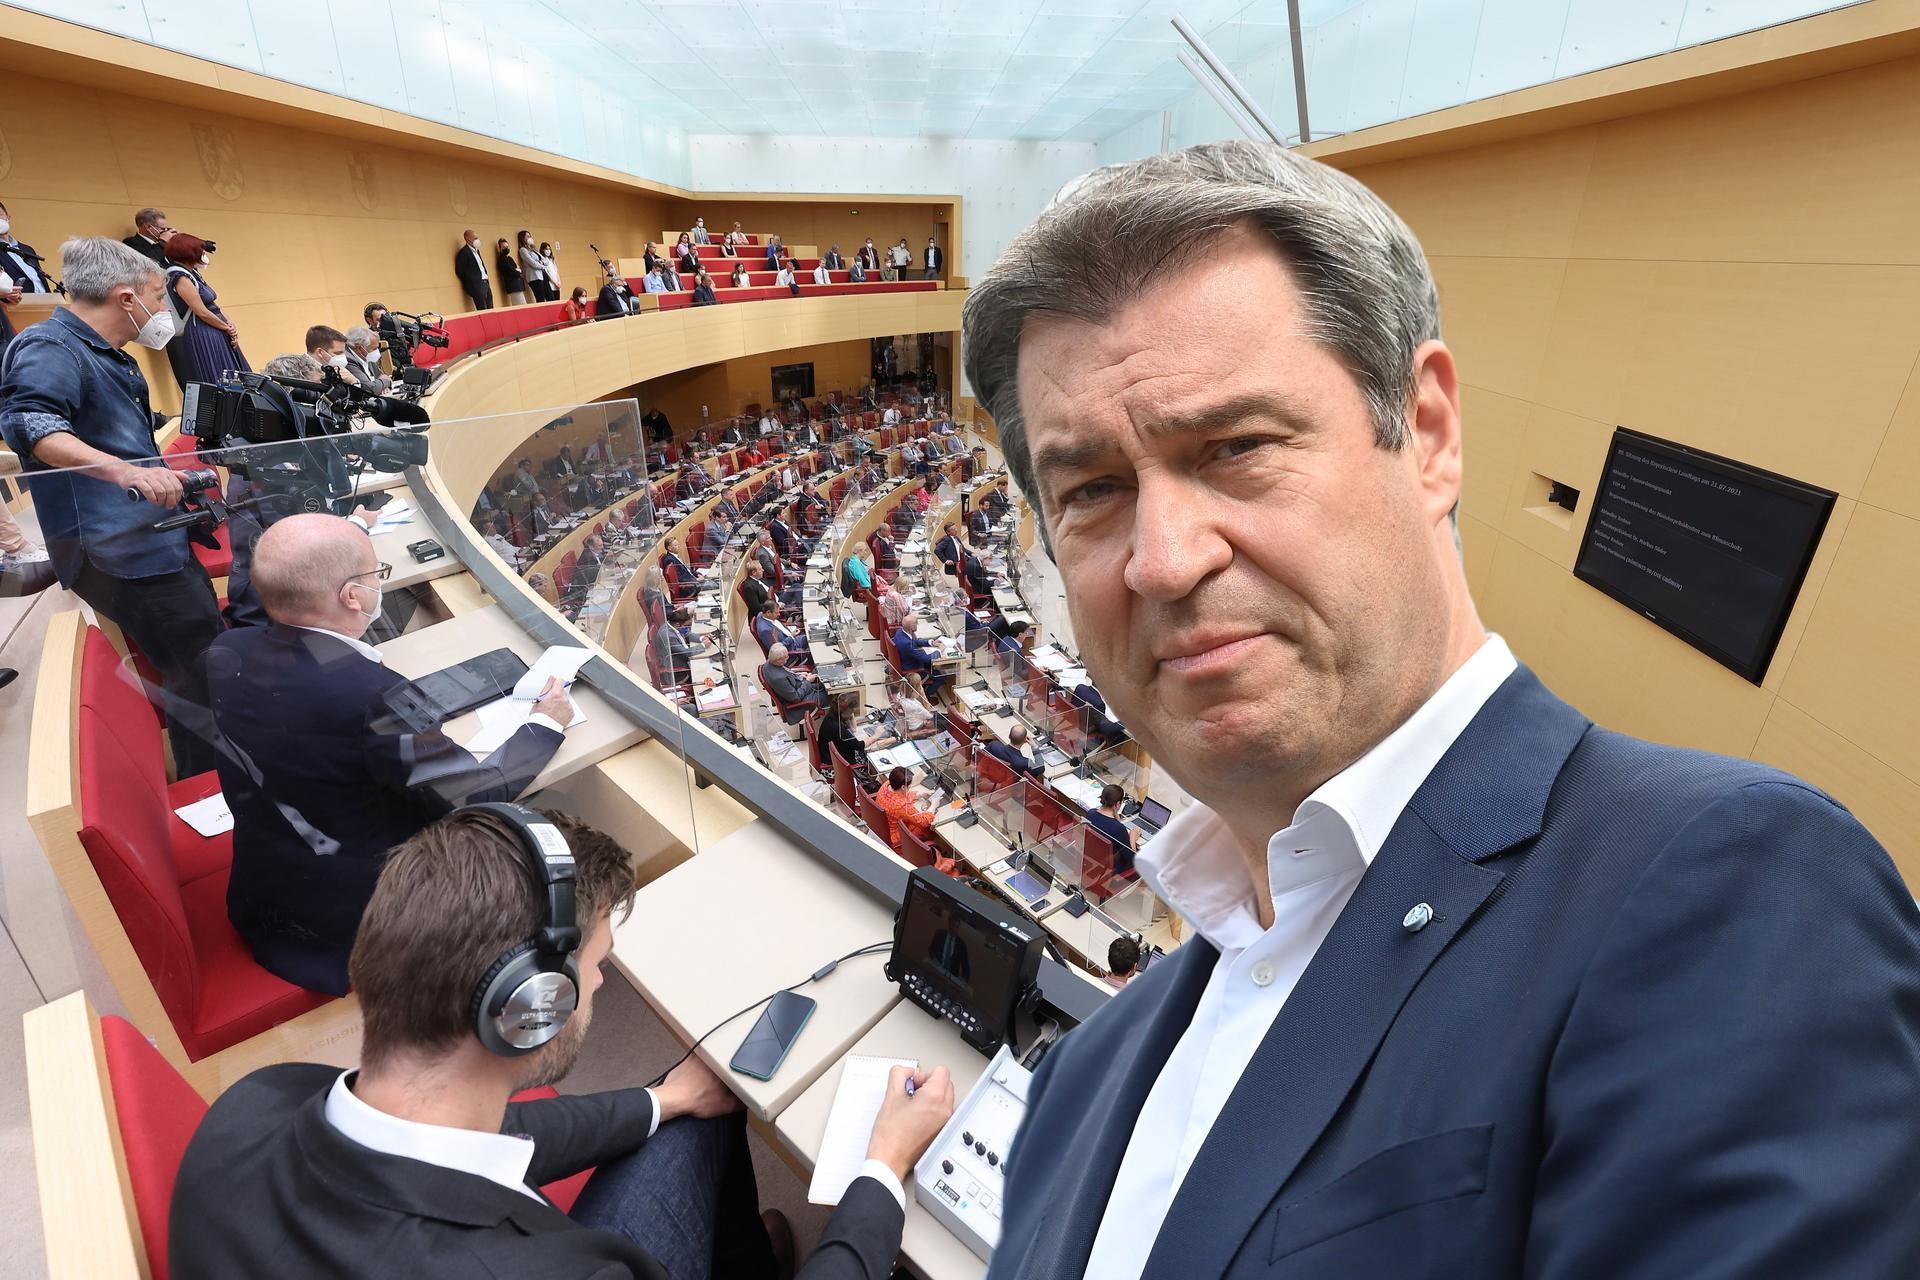 """Volksbegehren zur Auflösung des Bayern-Landtags ist keine """"Querdenken""""-Aktion"""